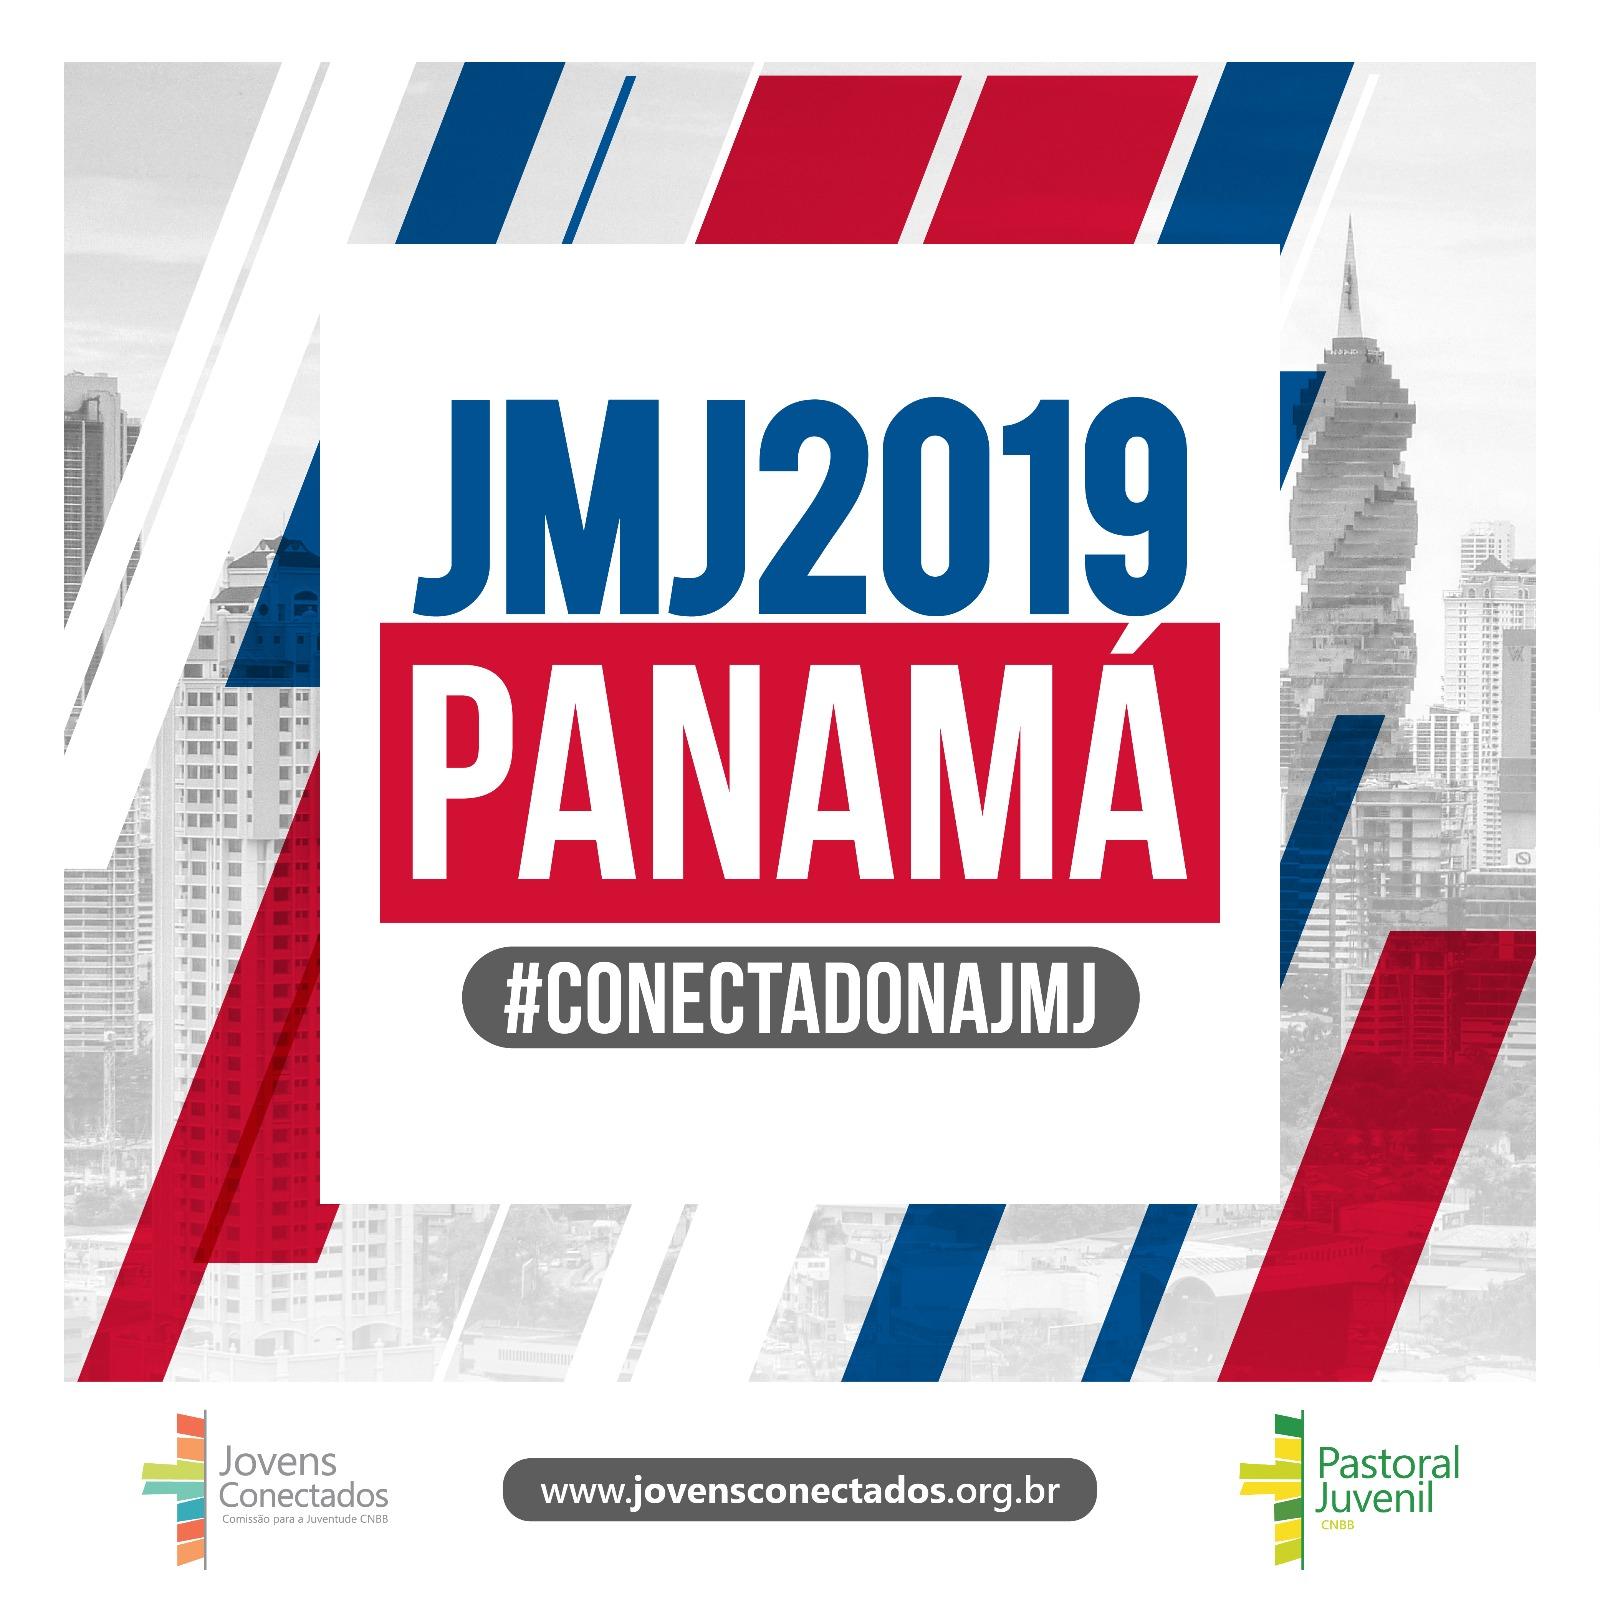 Próxima JMJ será no Panamá